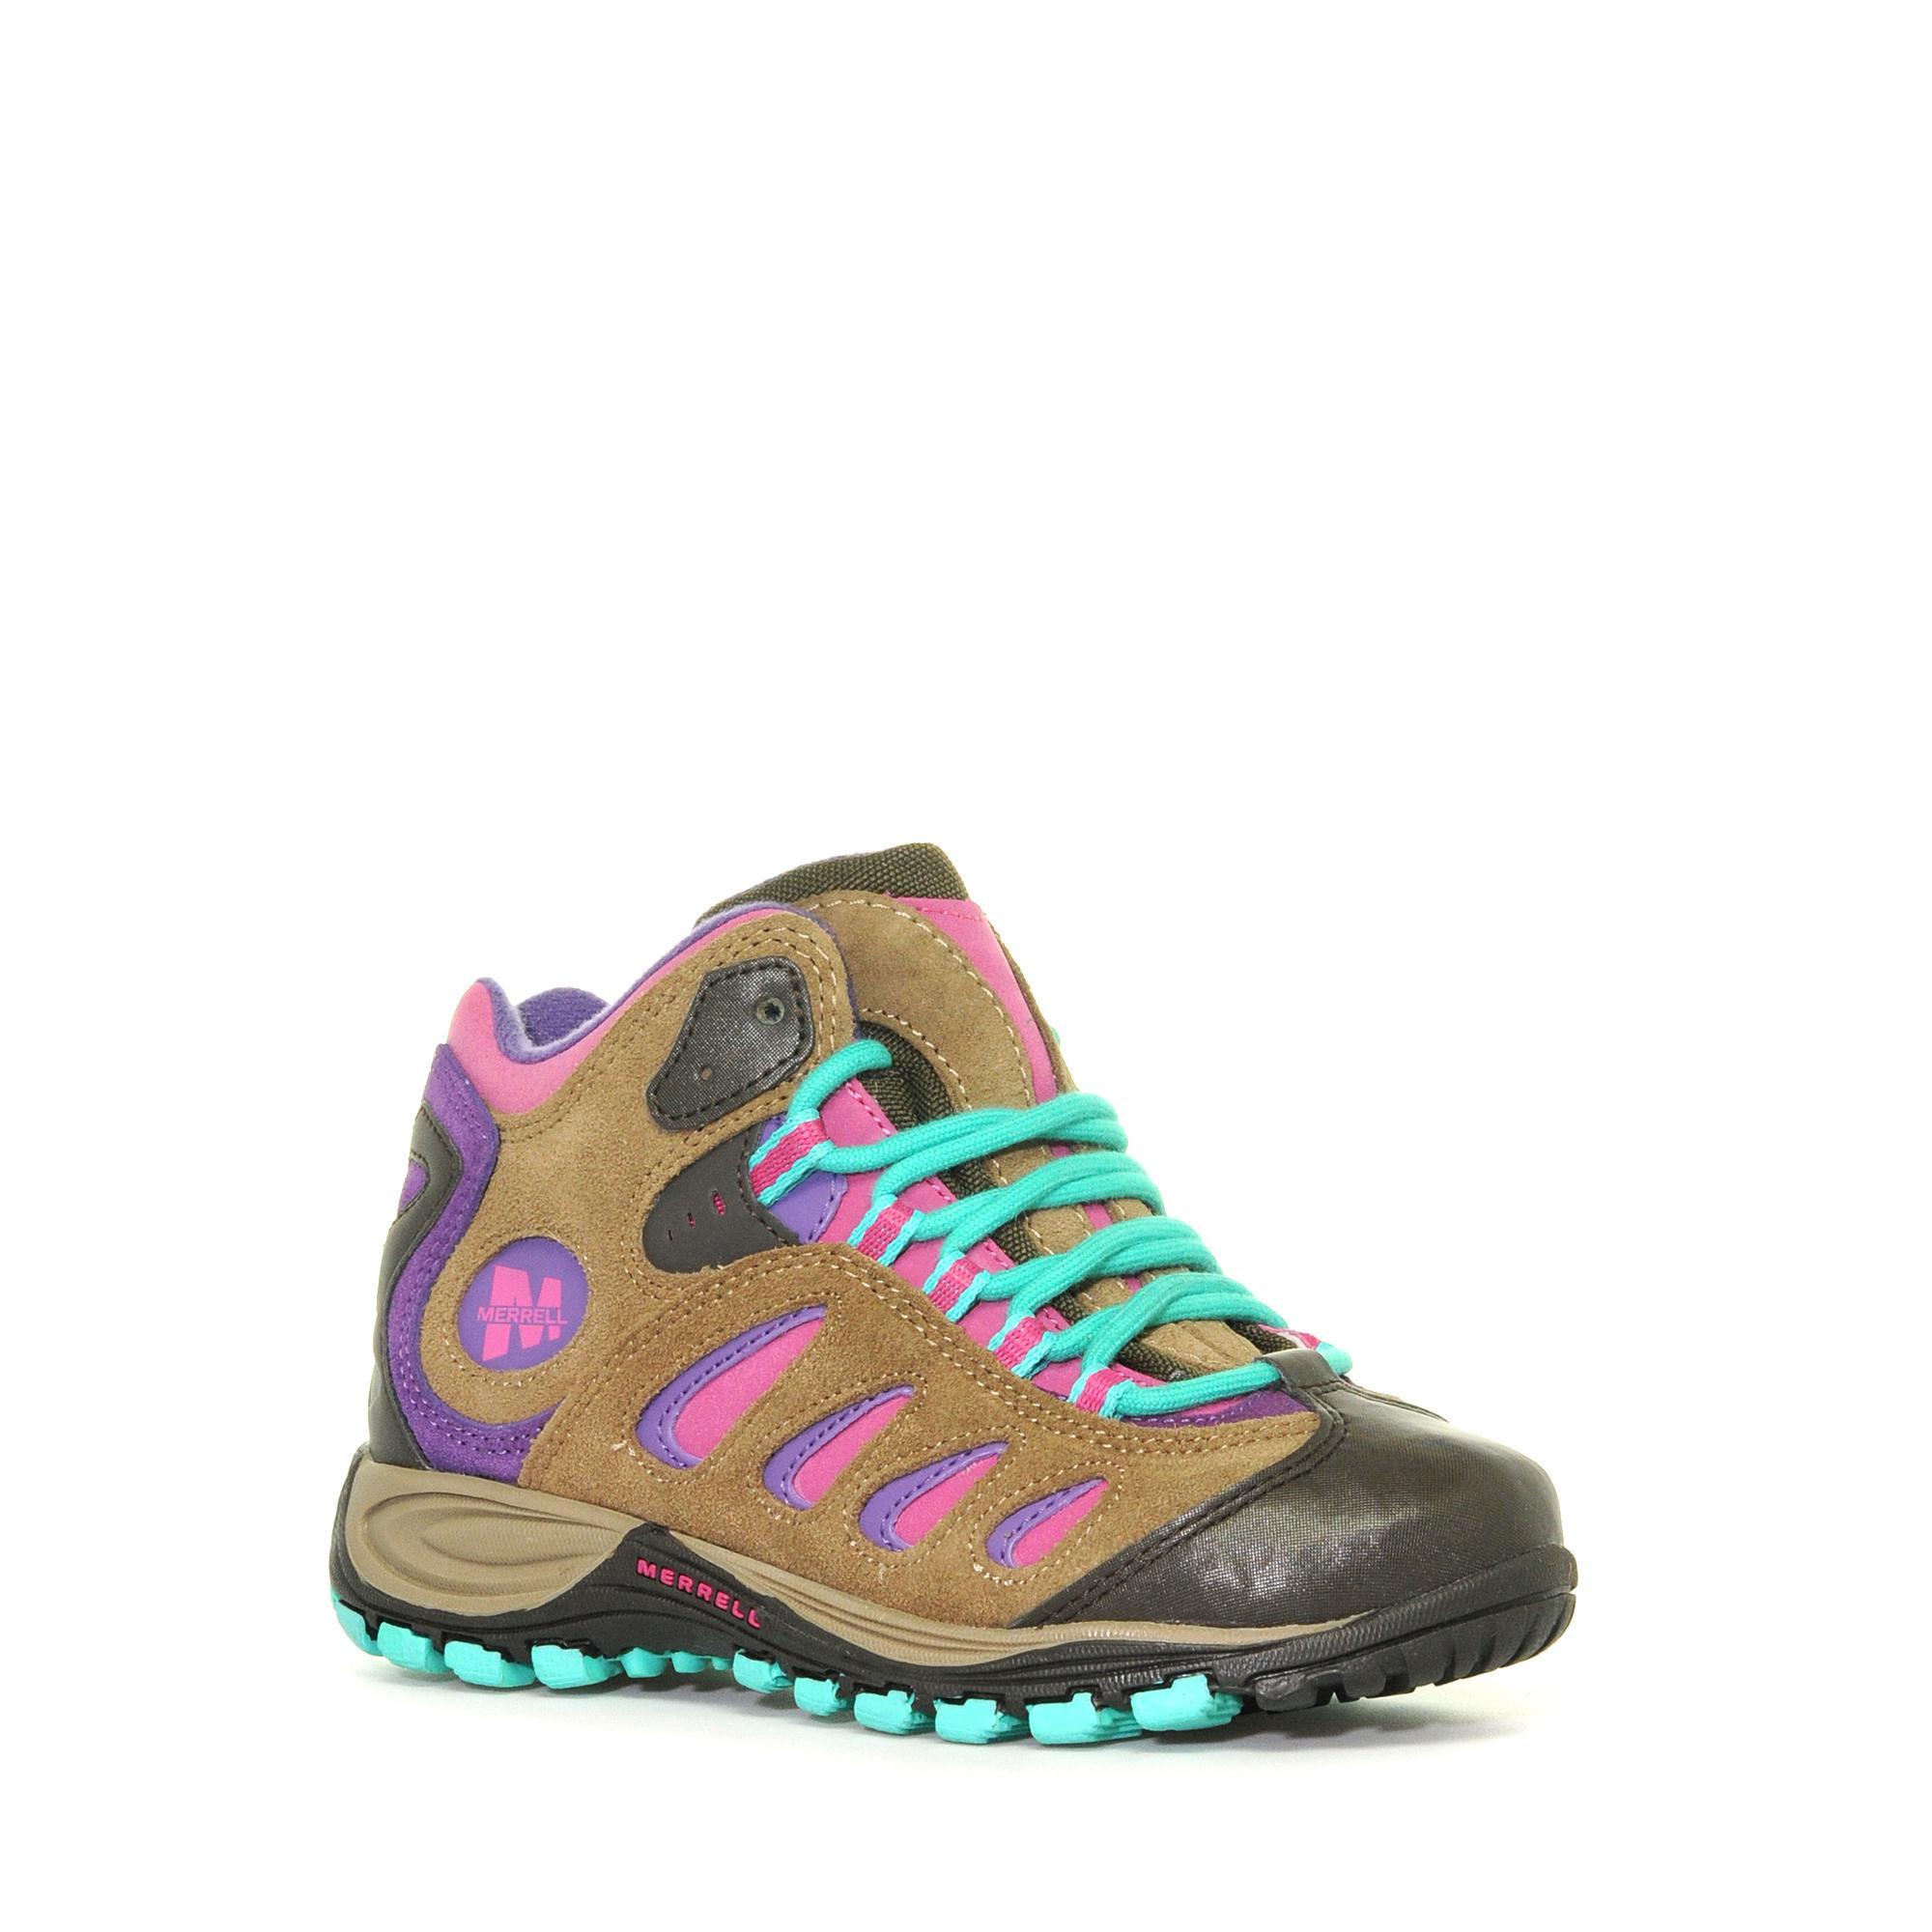 Merrell Girls' Reflex Mid Waterproof Shoe, Brown